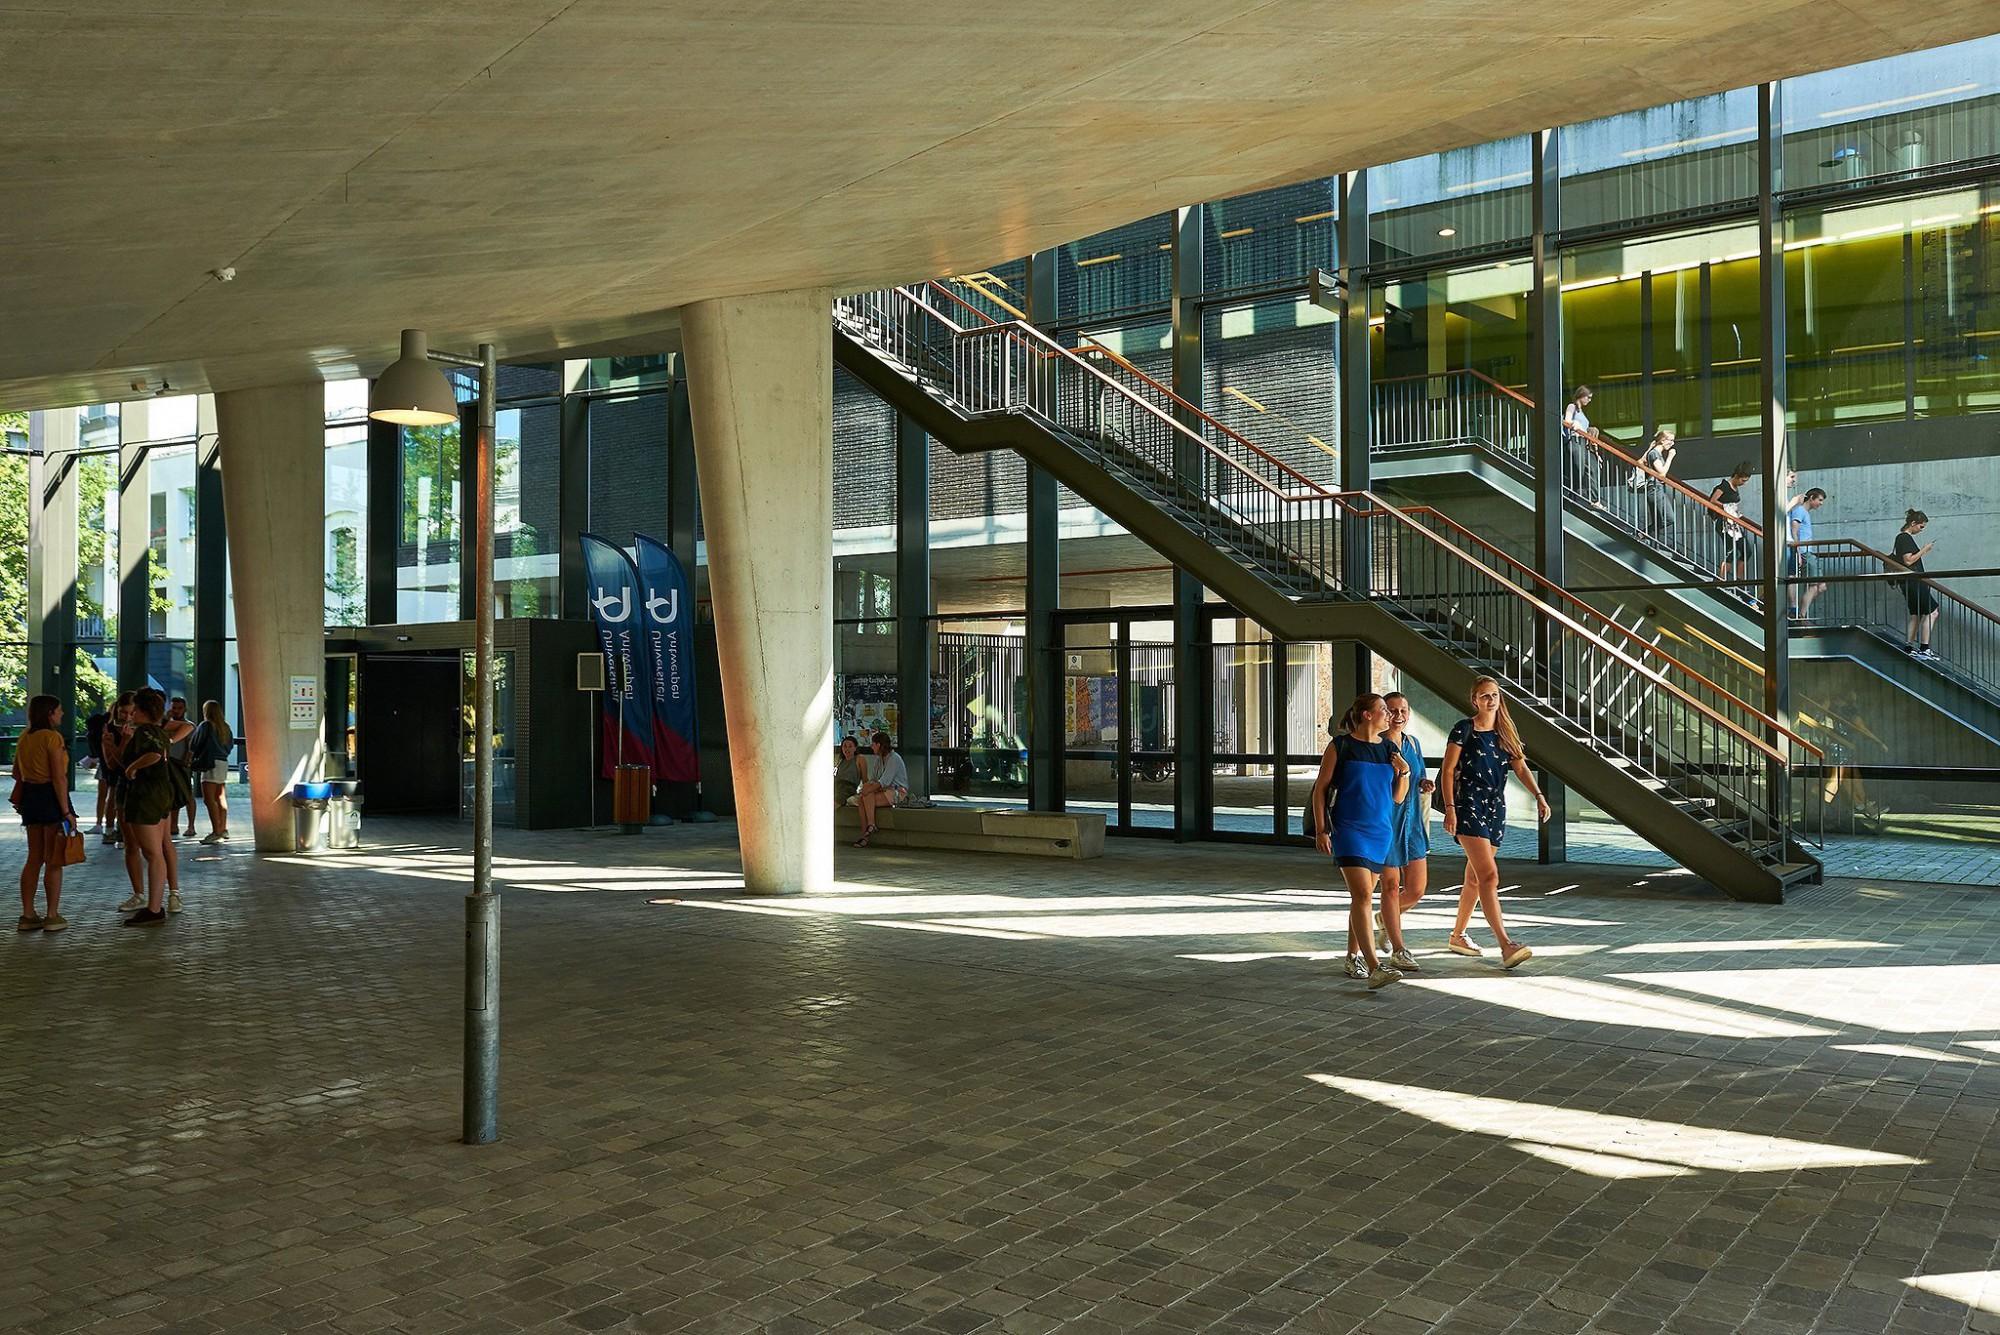 Afbeelding: Infrastructuurwerken universiteit Antwerpen, door DCA, landschapsfotografie foto Van Huffel.